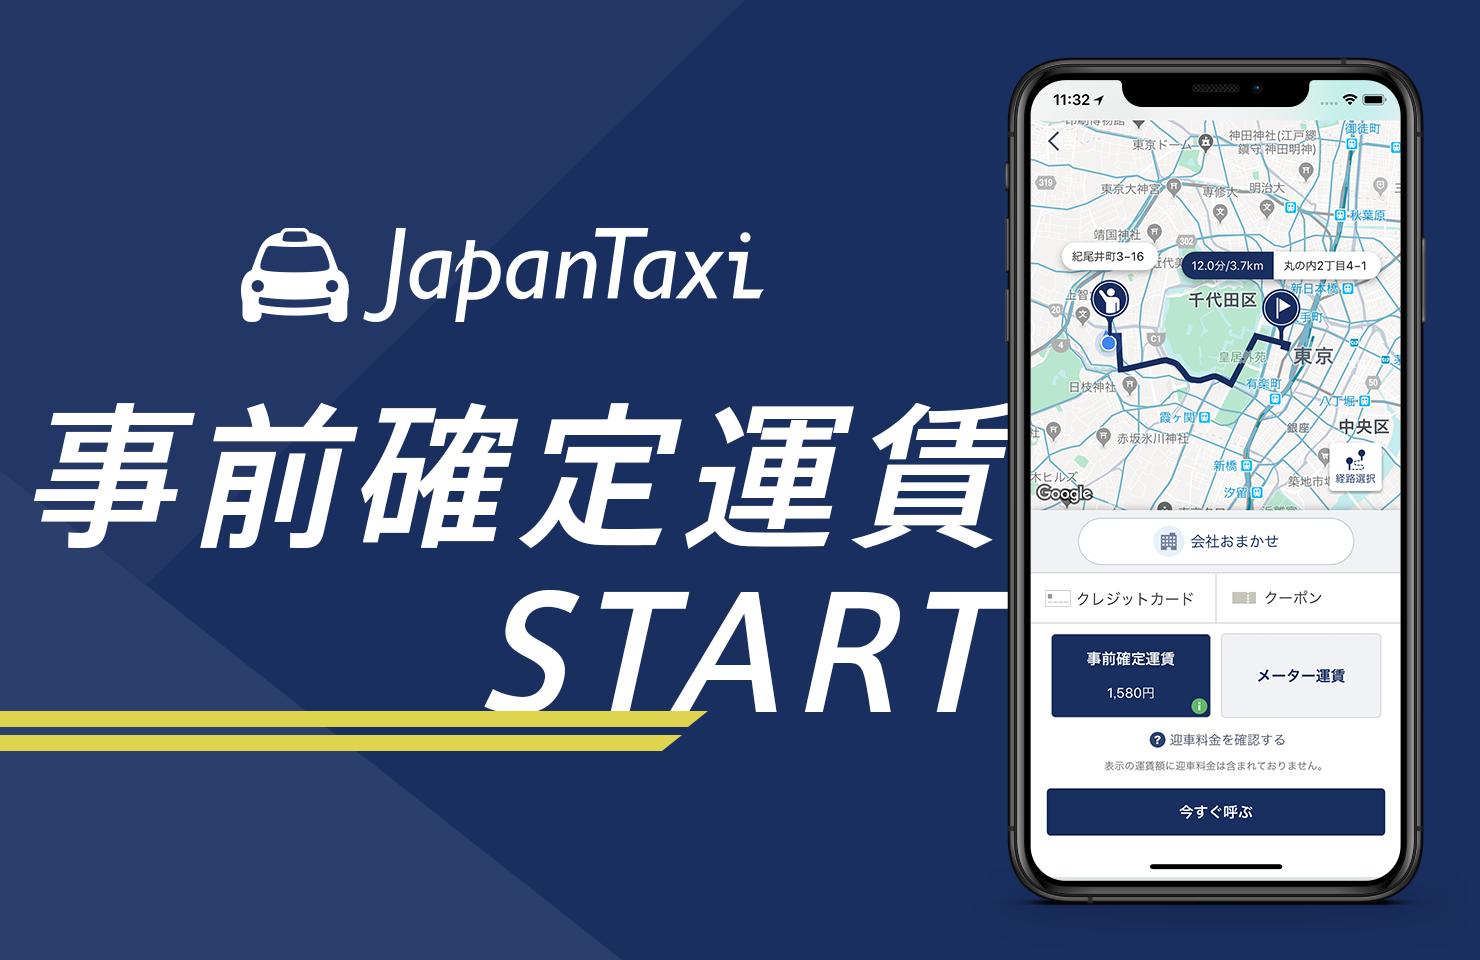 108年目の新たな運賃料金体系 『JapanTaxi』アプリにて『事前確定運賃』機能がスタート まずは日本交通、金星自動車にて開始 2019年10月28日(月)より